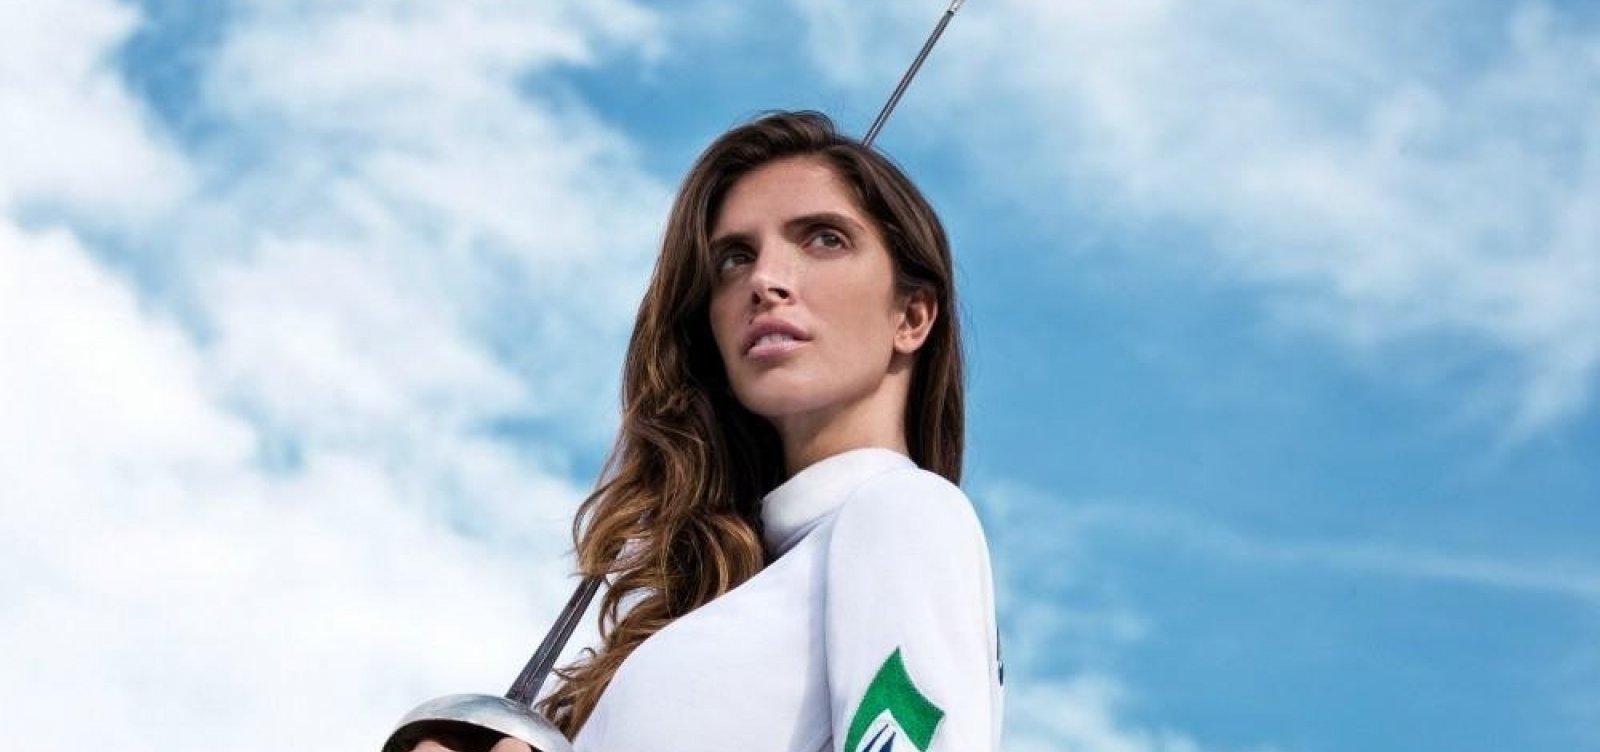 Olimpíadas de Tóquio: Brasil tem chances de medalha já neste sábado